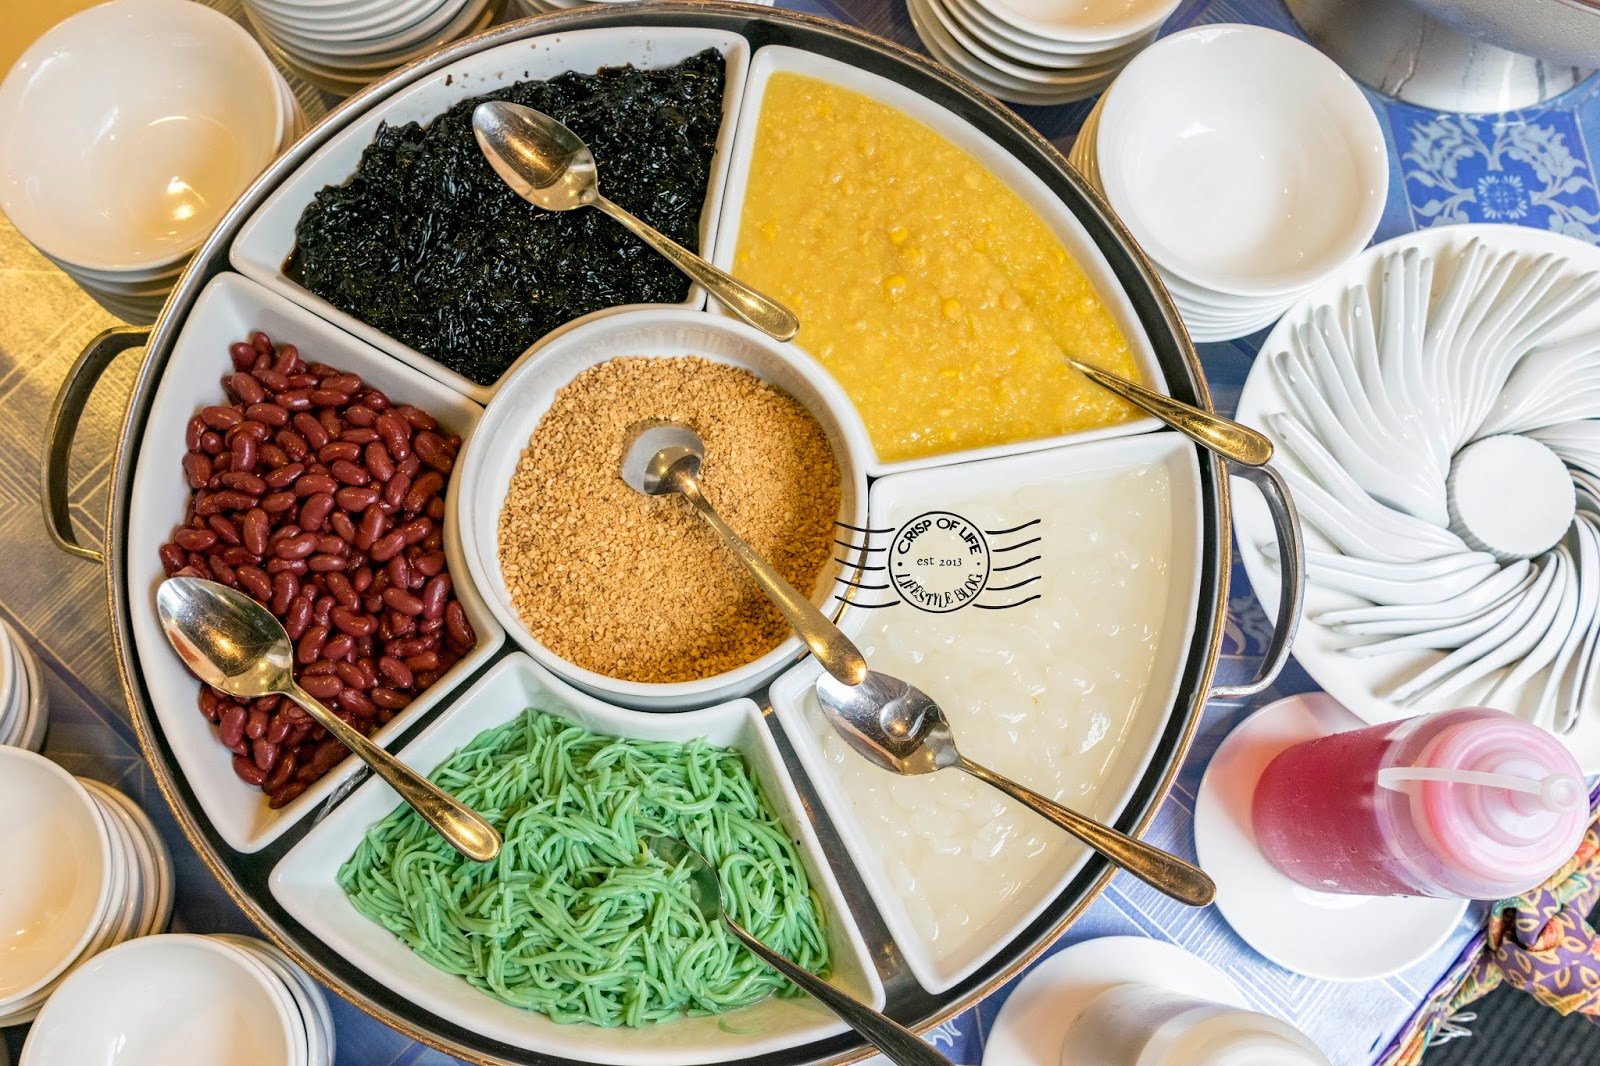 Bazaar Ramadan Buka Puasa Buffet Spread @ Royale Chulan Penang